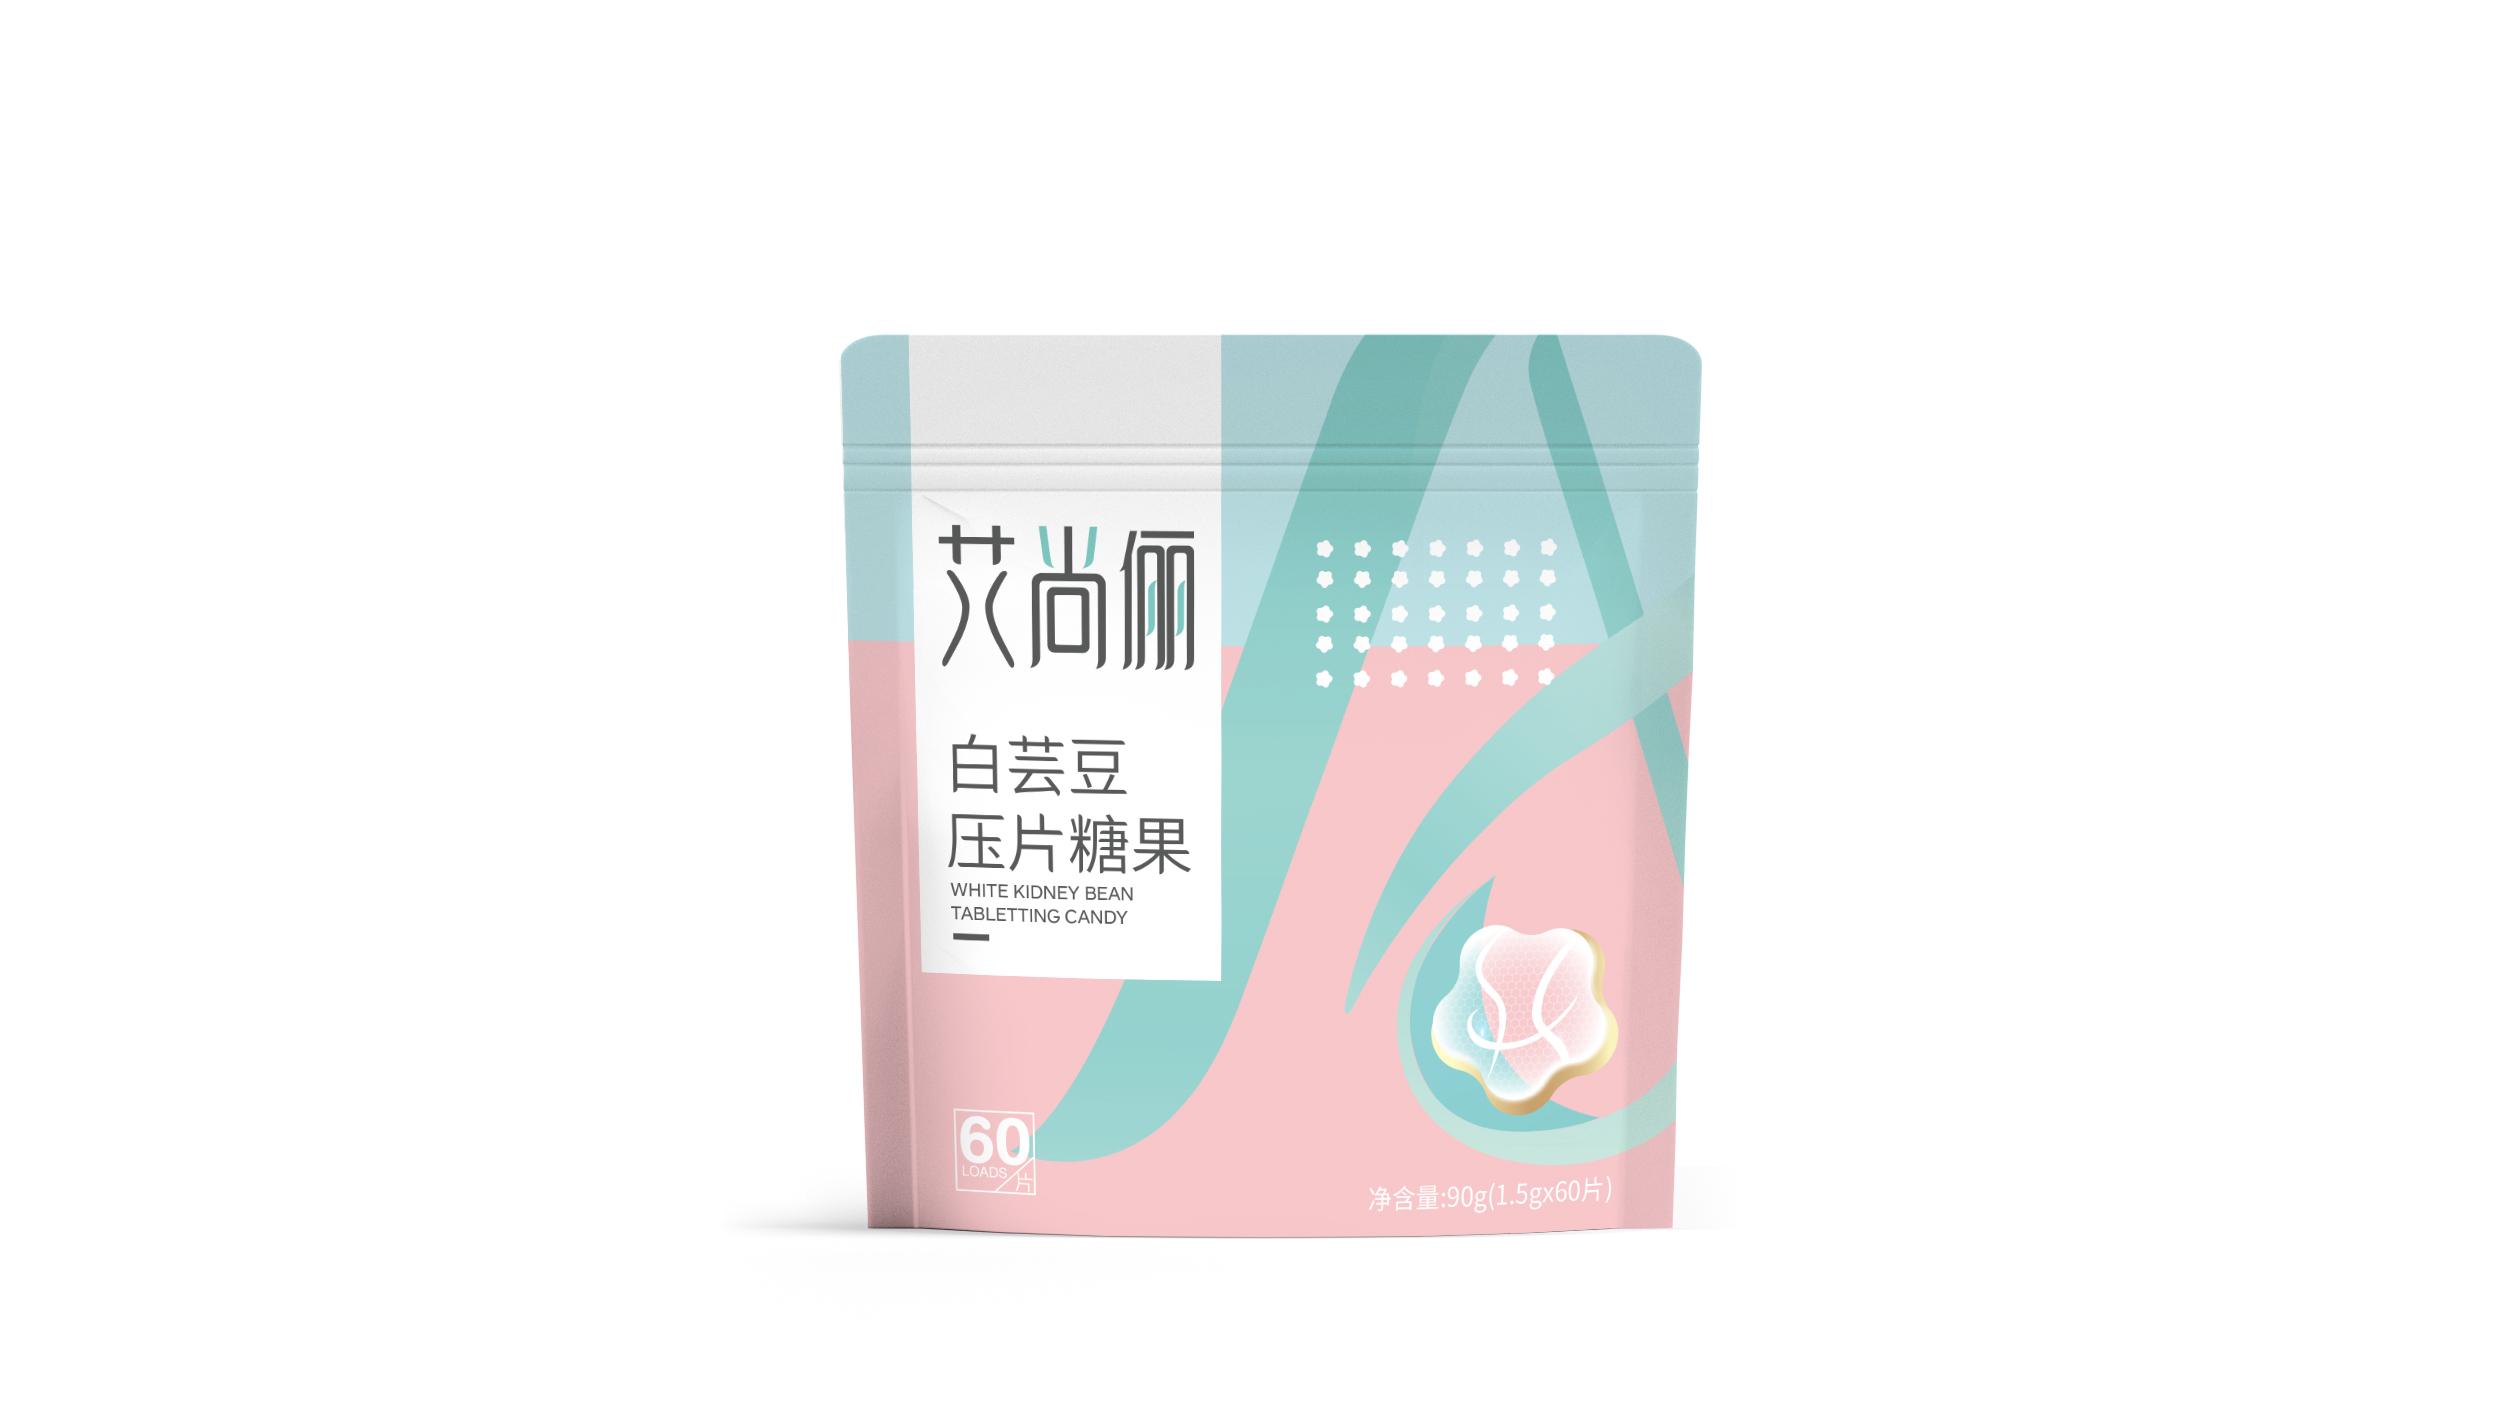 艾尚丽白芸豆压片糖果品牌包装设计